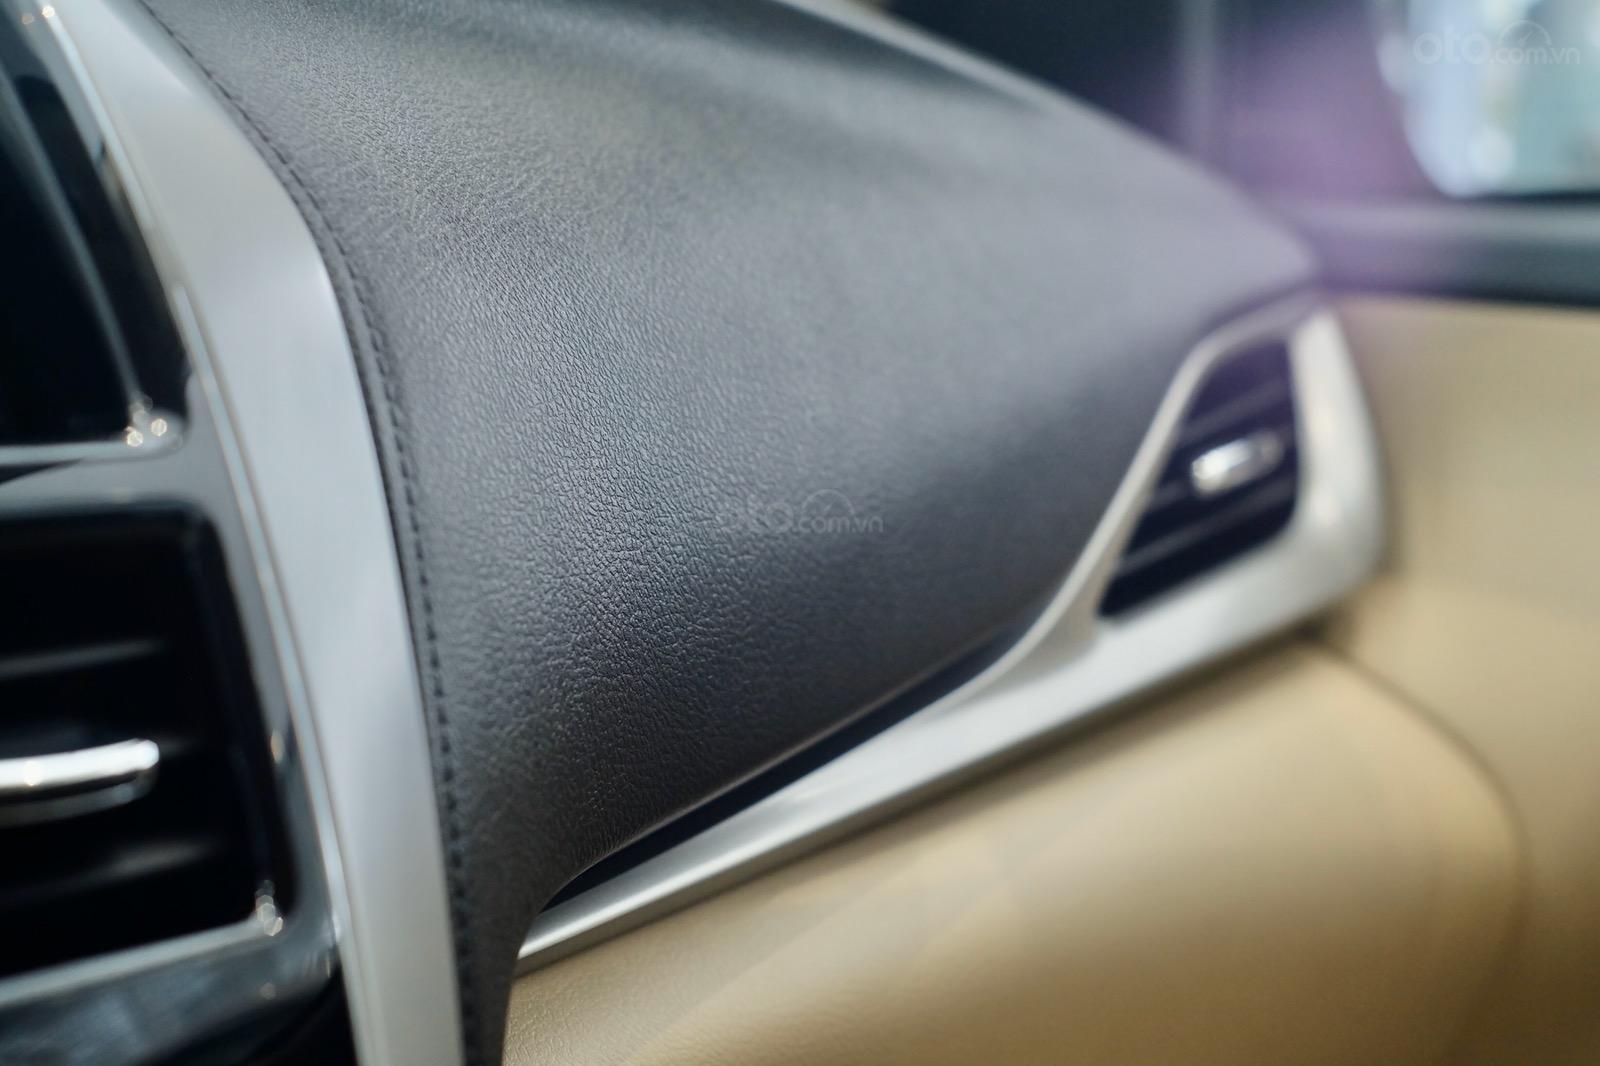 Toyota Vios G 2021, giá tốt - khuyến mãi lớn, hỗ trợ ngân hàng - lãi suất thấp (14)